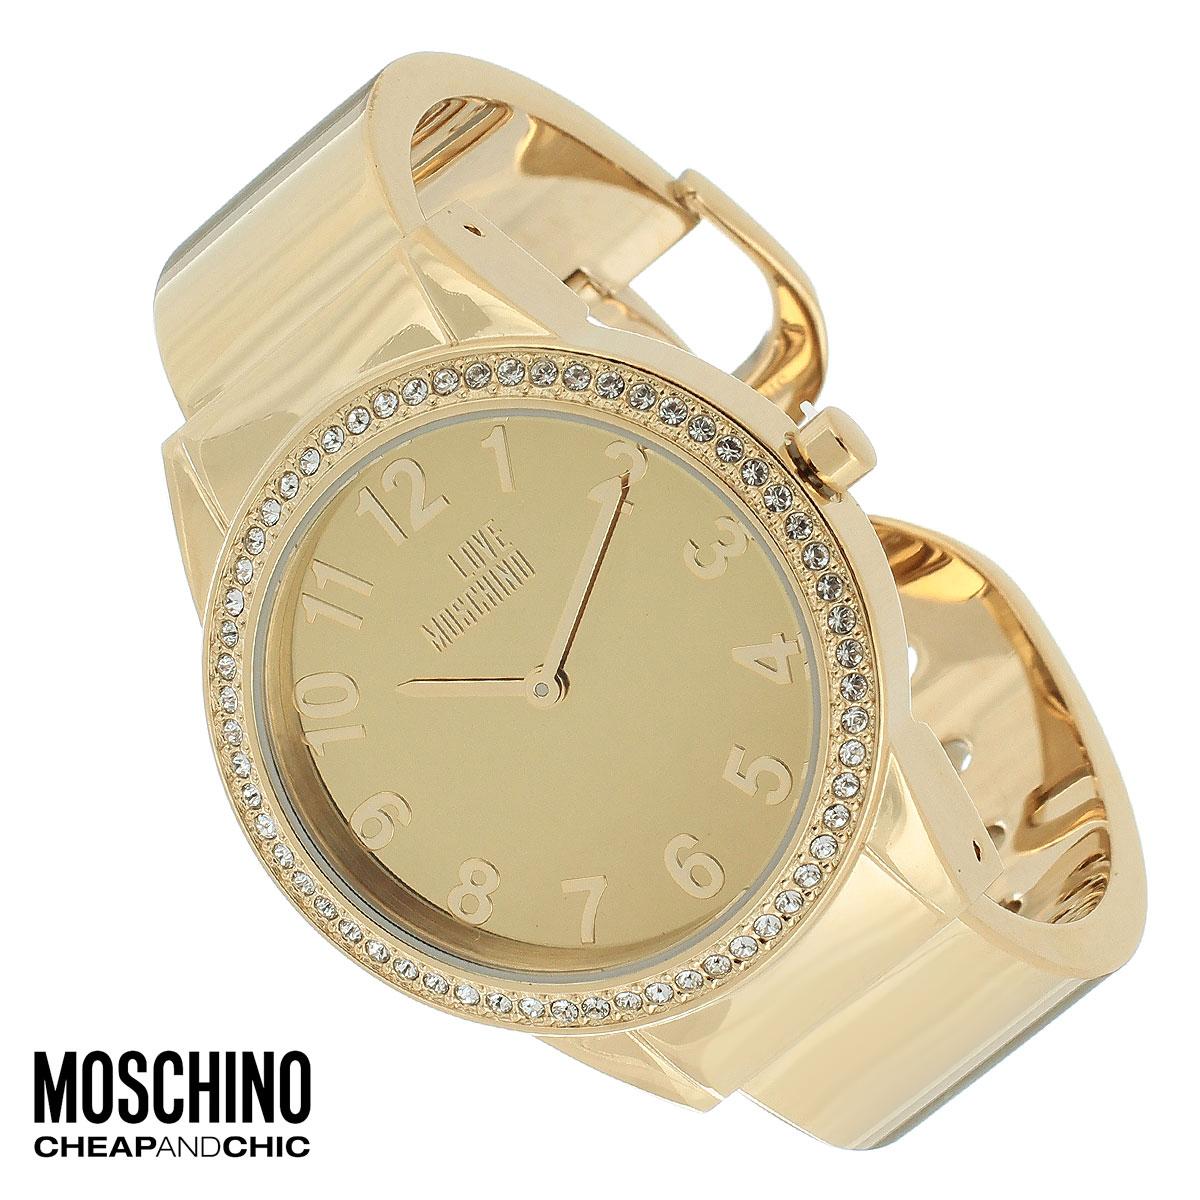 Часы женские наручные Moschino, цвет: золотой. MW0441BM8434-58AEНаручные часы от известного итальянского бренда Moschino - это не только стильный и функциональный аксессуар, но и современные технологи, сочетающиеся с экстравагантным дизайном и индивидуальностью. Часы Moschino оснащены кварцевым механизмом. Корпус выполнен из высококачественной нержавеющей стали с PVD-покрытием и по контуру циферблата оформлен стразами. Циферблат оформлен арабскими цифрами, надписью Love Moschino и защищен минеральным стеклом. Часы имеют две стрелки - часовую и минутную. Браслет часов выполнен из нержавеющей стали и имеет разъемную конструкцию.Часы упакованы в фирменную металлическую коробку с логотипом бренда. Часы Moschino благодаря своему уникальному дизайну отличаются от часов других марок своеобразными циферблатами, функциональностью, а также набором уникальных технических свойств.Каждой модели присуща легкая экстравагантность, самобытность и, безусловно, великолепный вкус. Характеристики: Диаметр циферблата: 3 см.Размер корпуса: 3,7 см х 4,4 см х 0,9 см.Длина браслета (с корпусом): 13,5 см.Ширина браслета: 1,6 см.